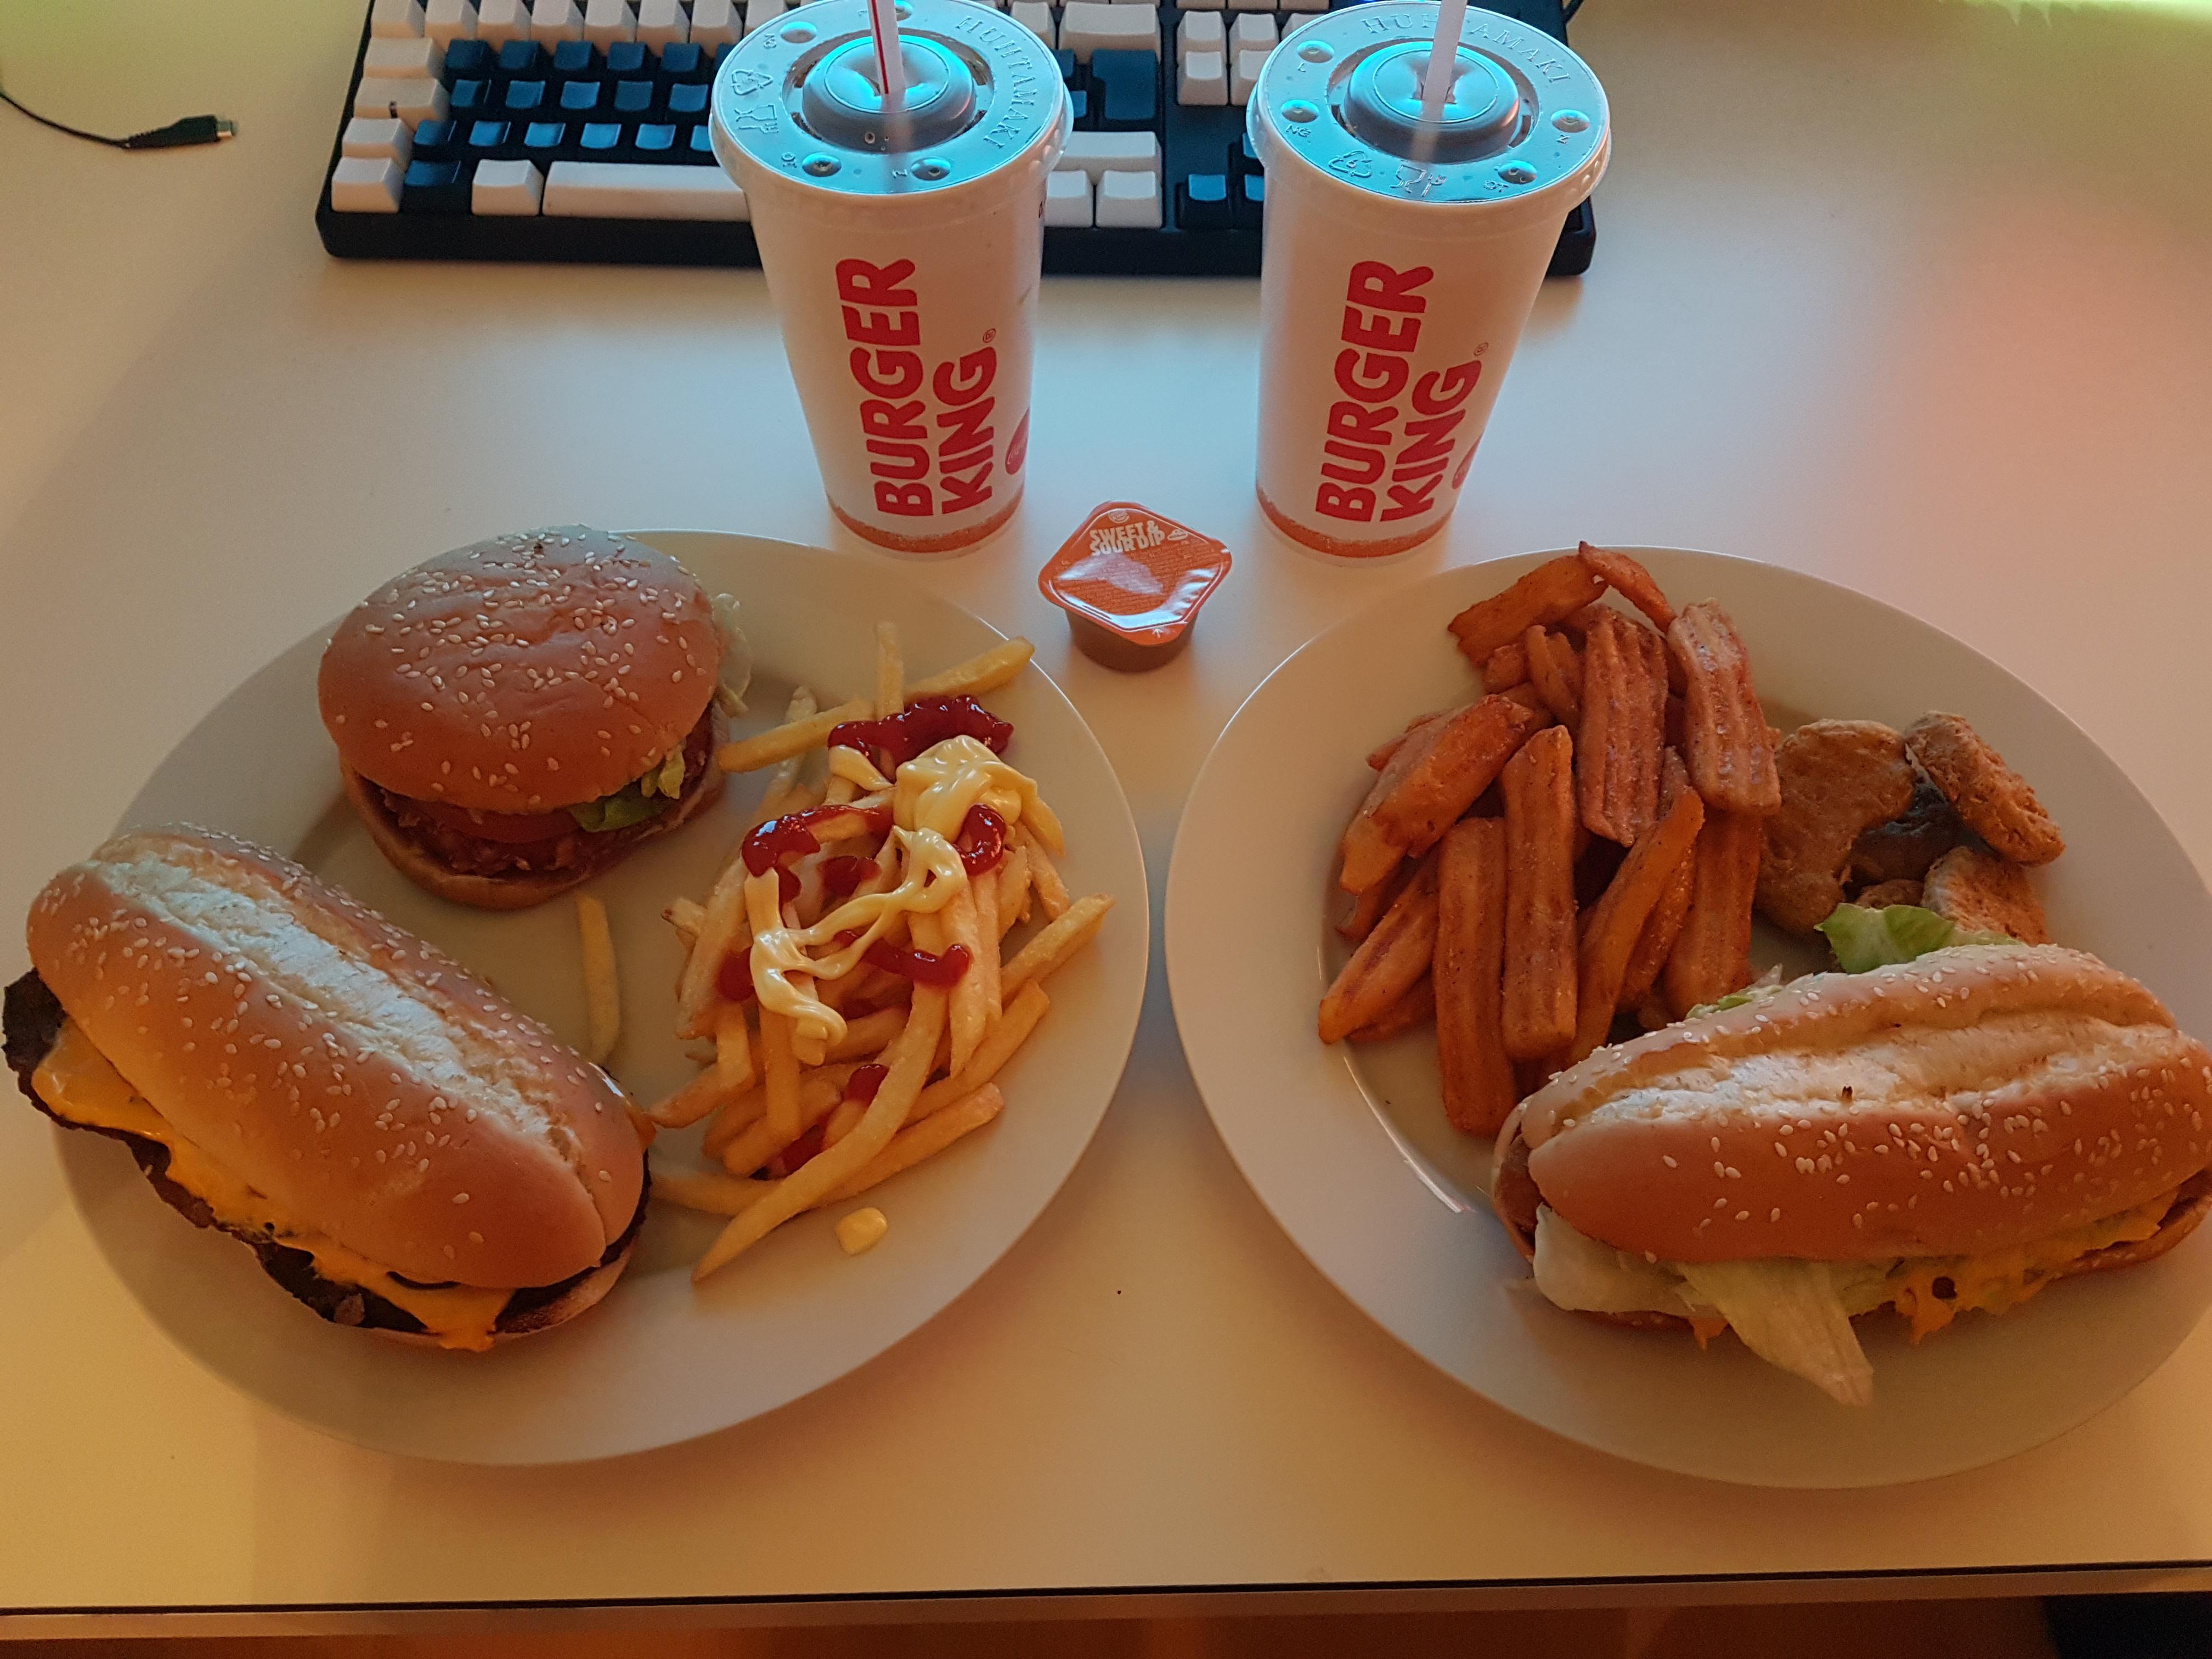 https://foodloader.net/Holz_2019-01-17_Burger_King.jpg